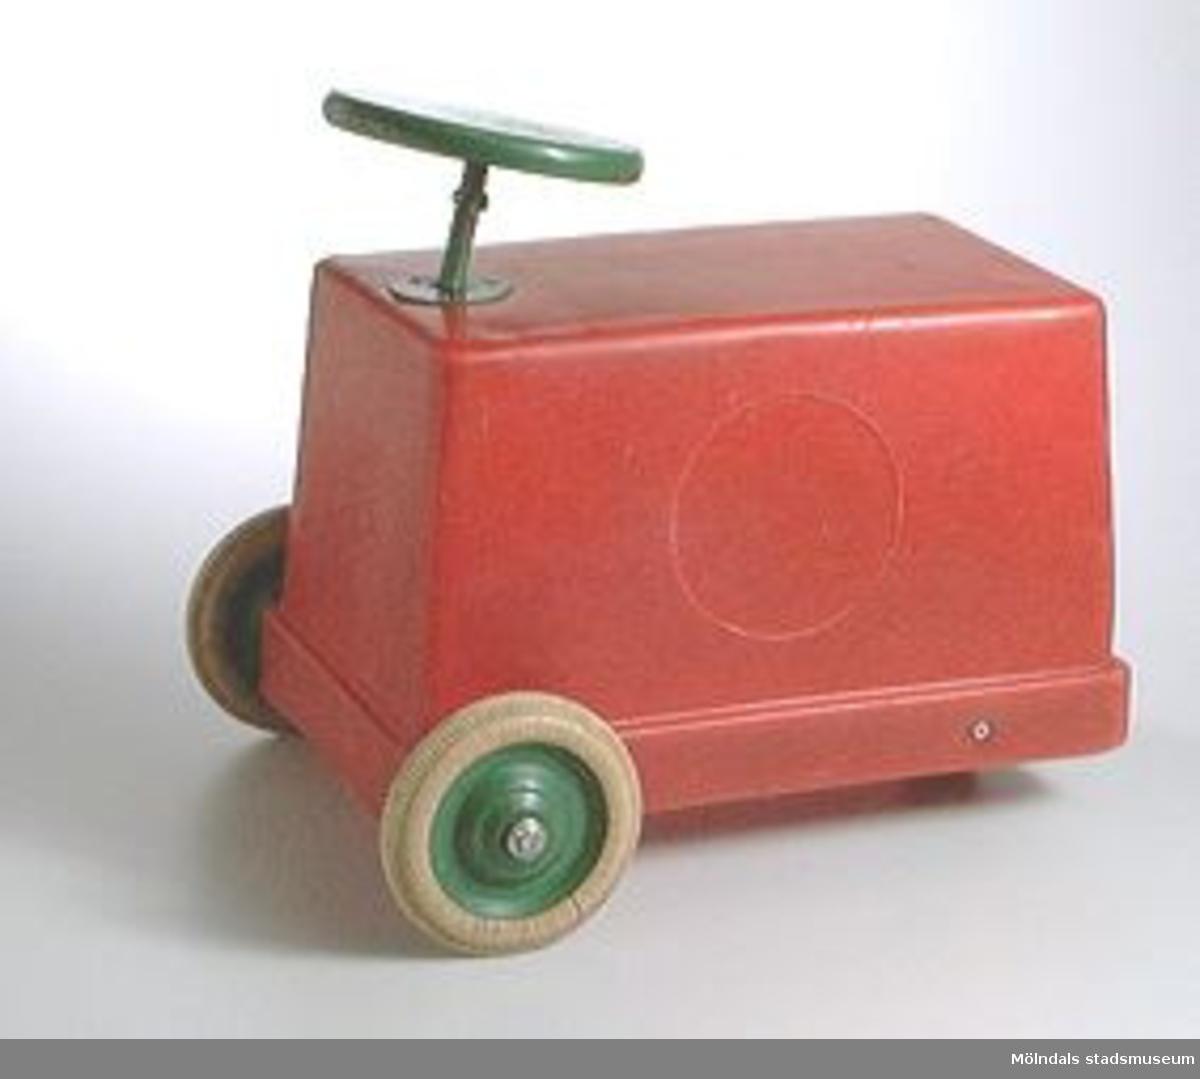 Röd åkbar leksaksbil i röd plast. Svartmålad träratt och gummihjul.